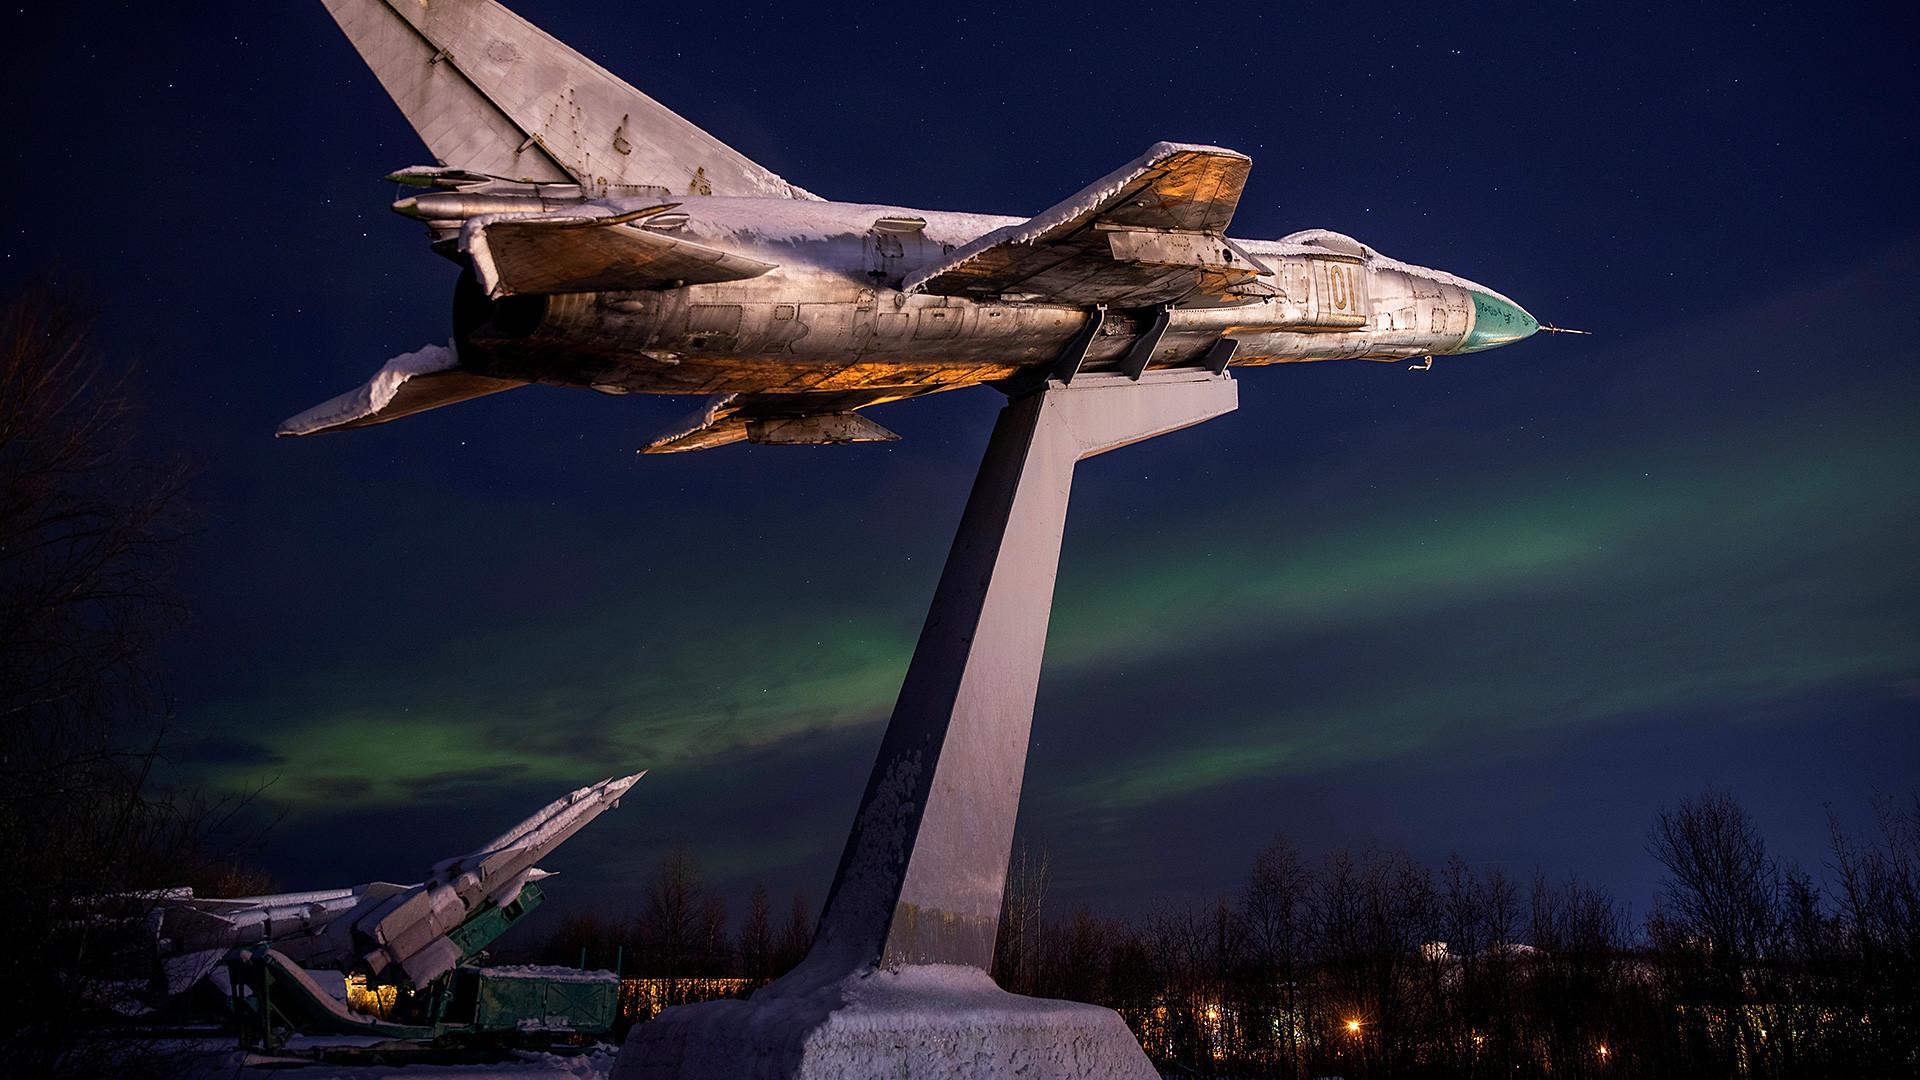 La aurora boreal sobre el monumento a los soldados del Primer Cuerpo de Defensa Aérea en Abram-Mis, en las afueras de Múrmansk, a finales de octubre de 2019.